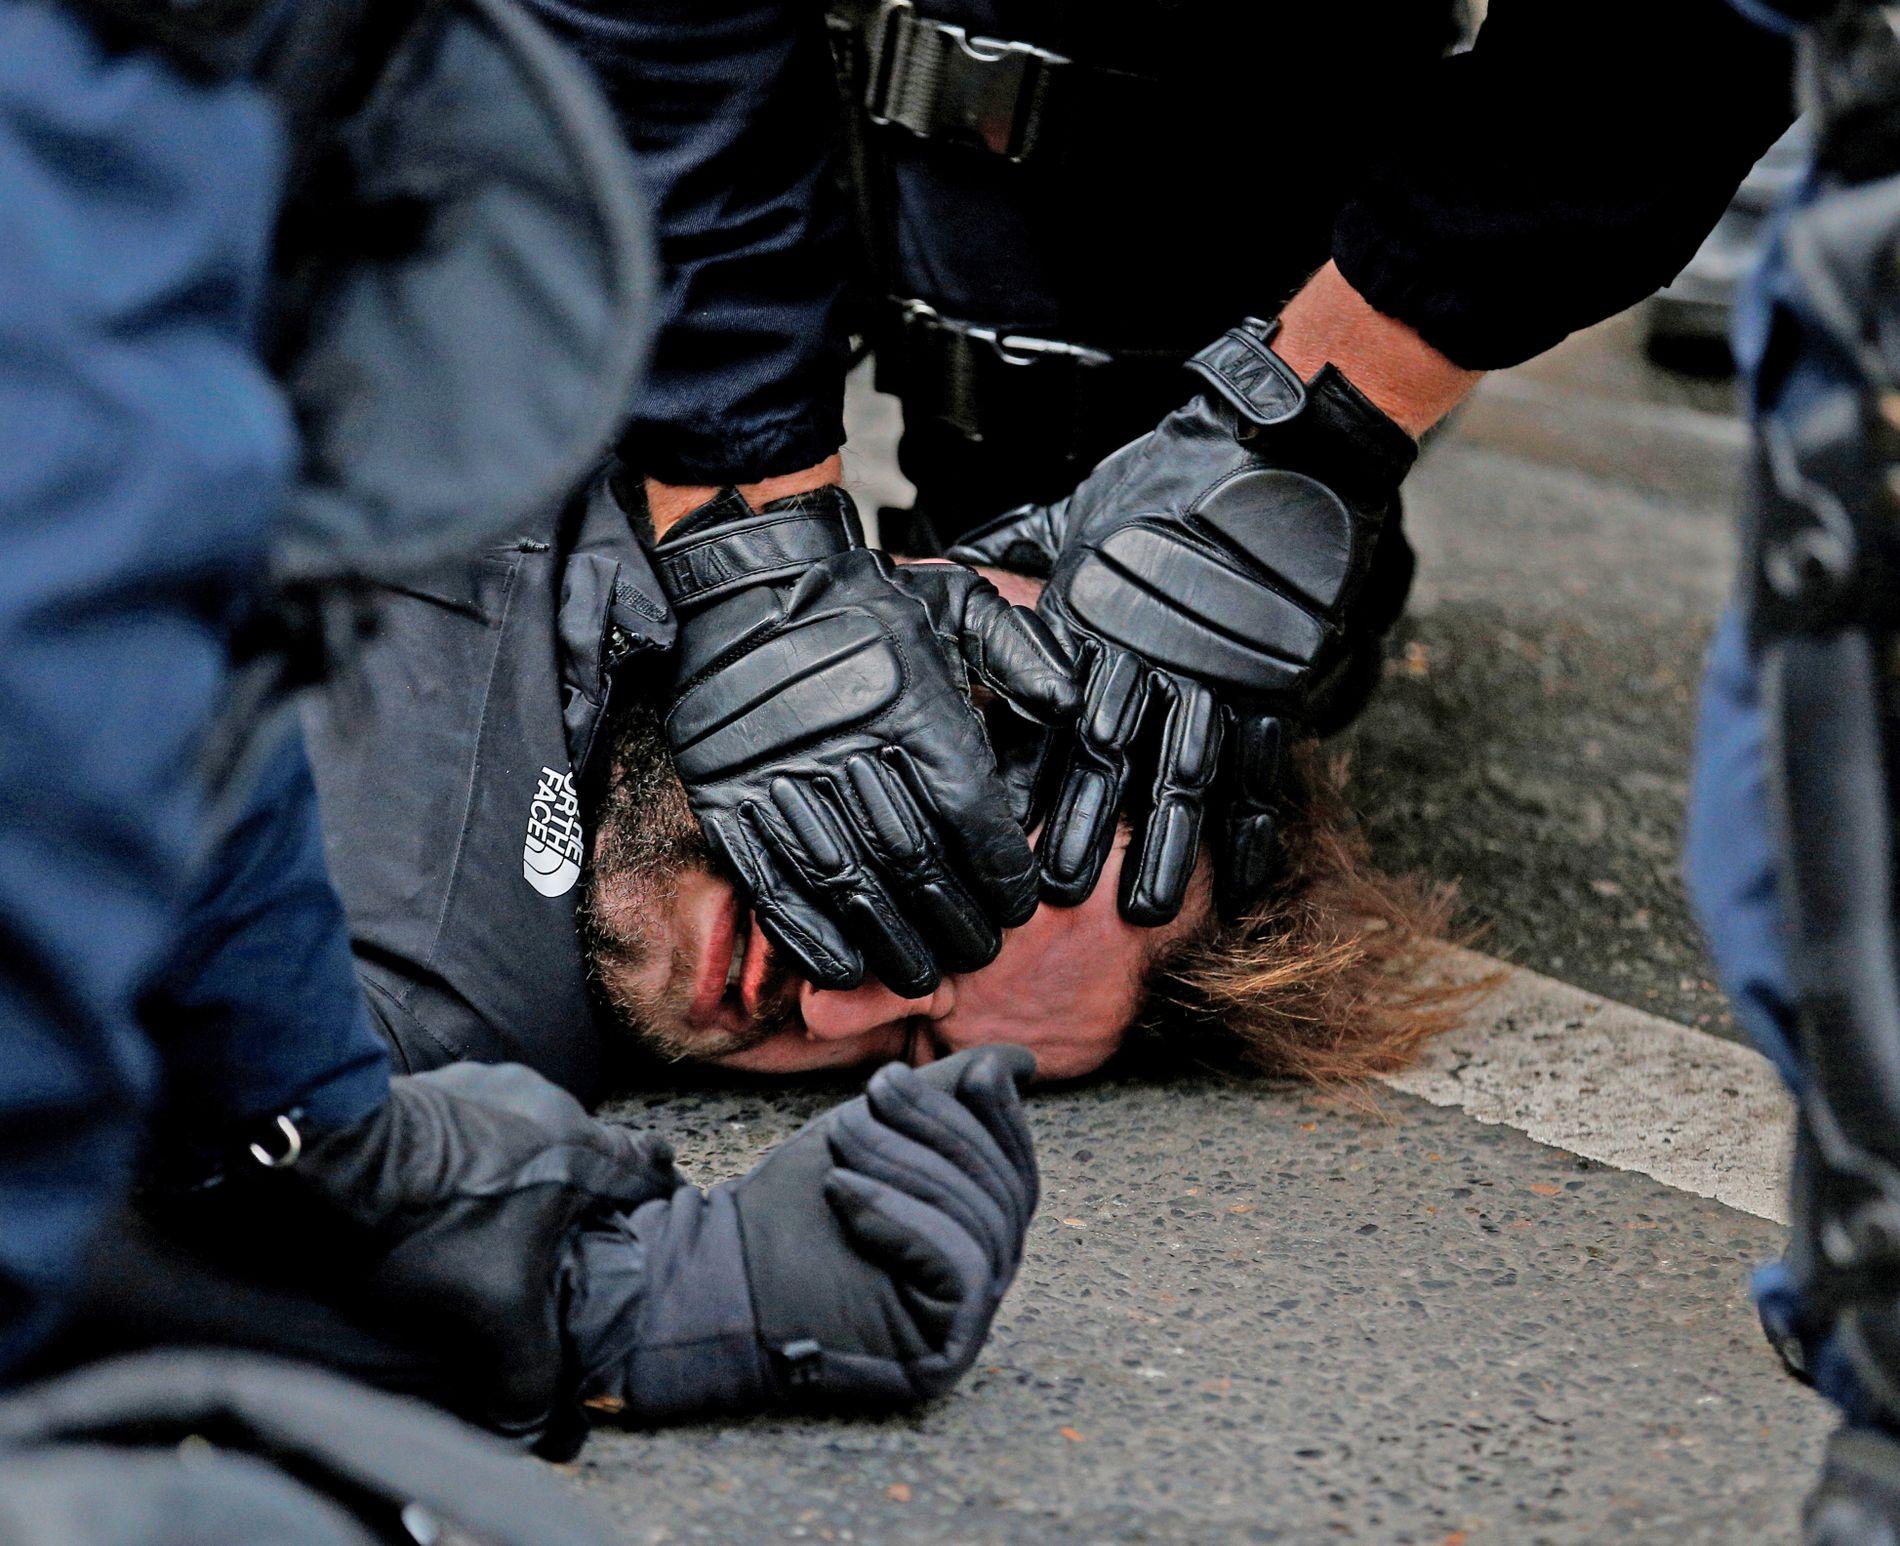 HOLDES NEDE: Franske politistyrker anholder en mann tilknyttet «De gule vestene» i en gate nær Saint Lazare stasjon i Paris.